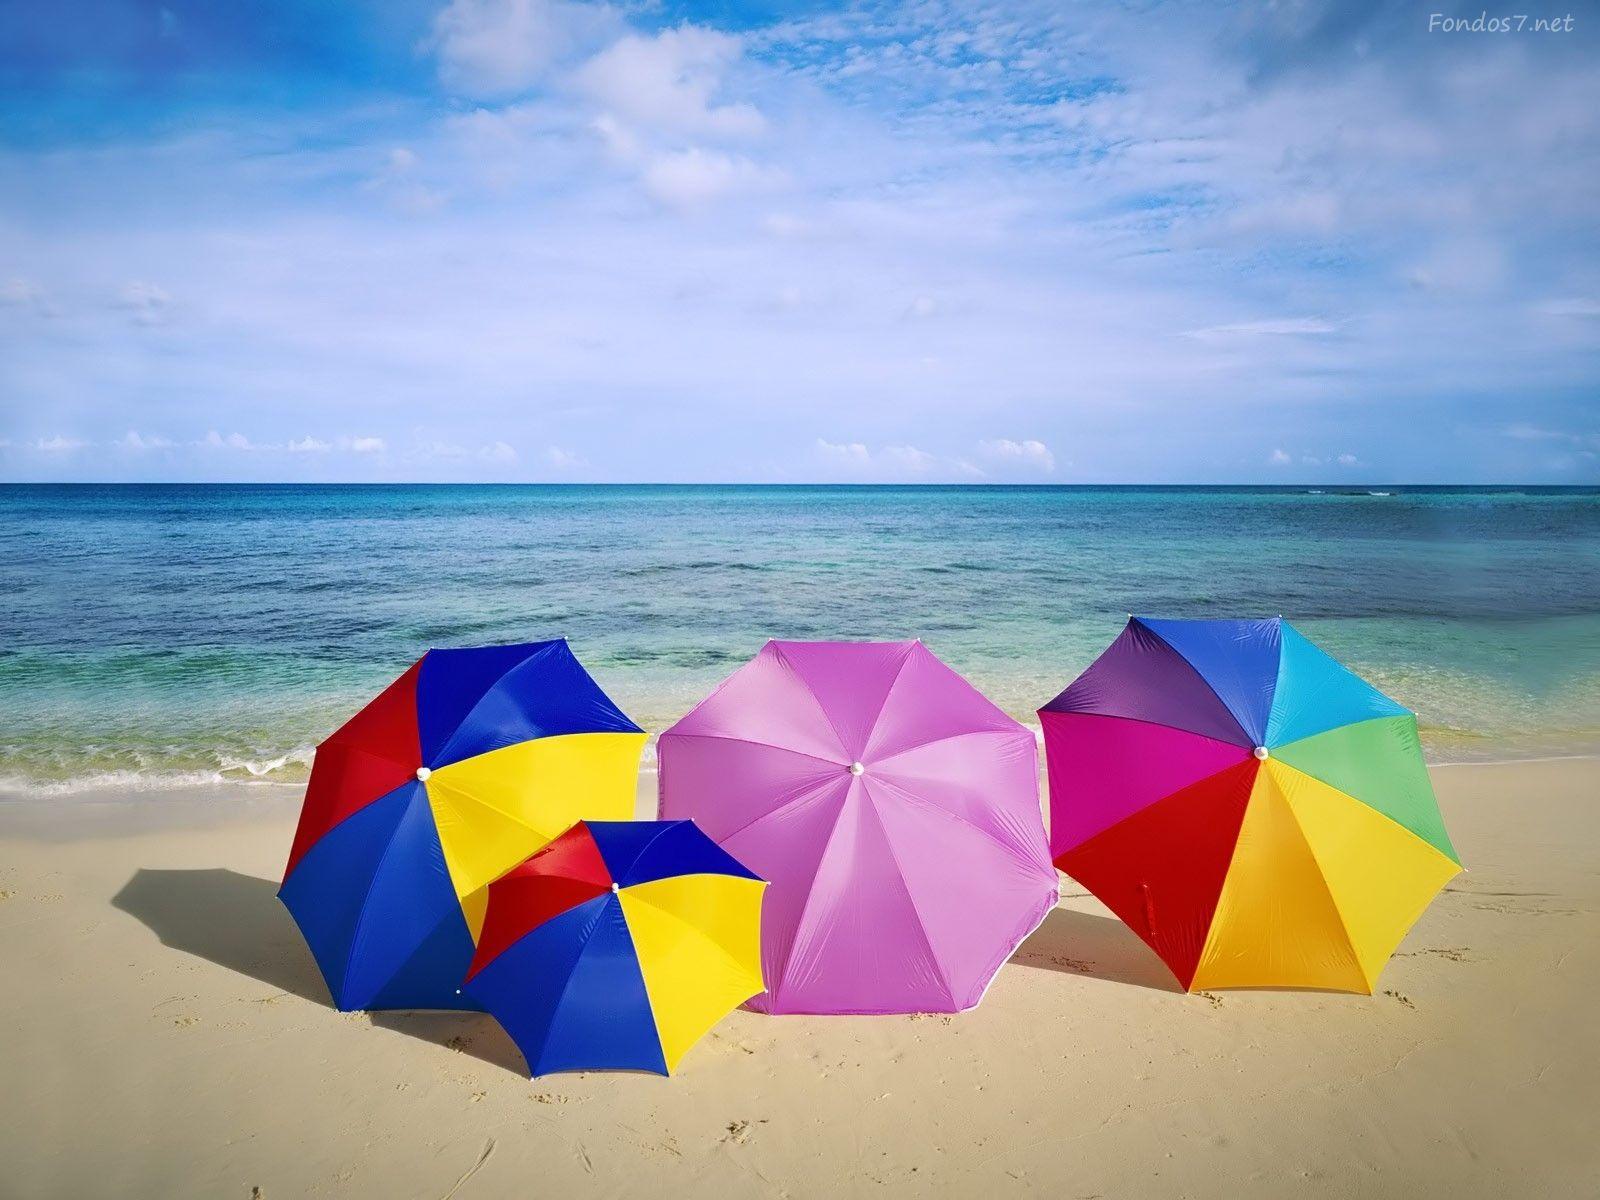 Resultado De Imagen De Playas Sombrillas Summer Landscape Beach Wallpaper Beach Umbrella